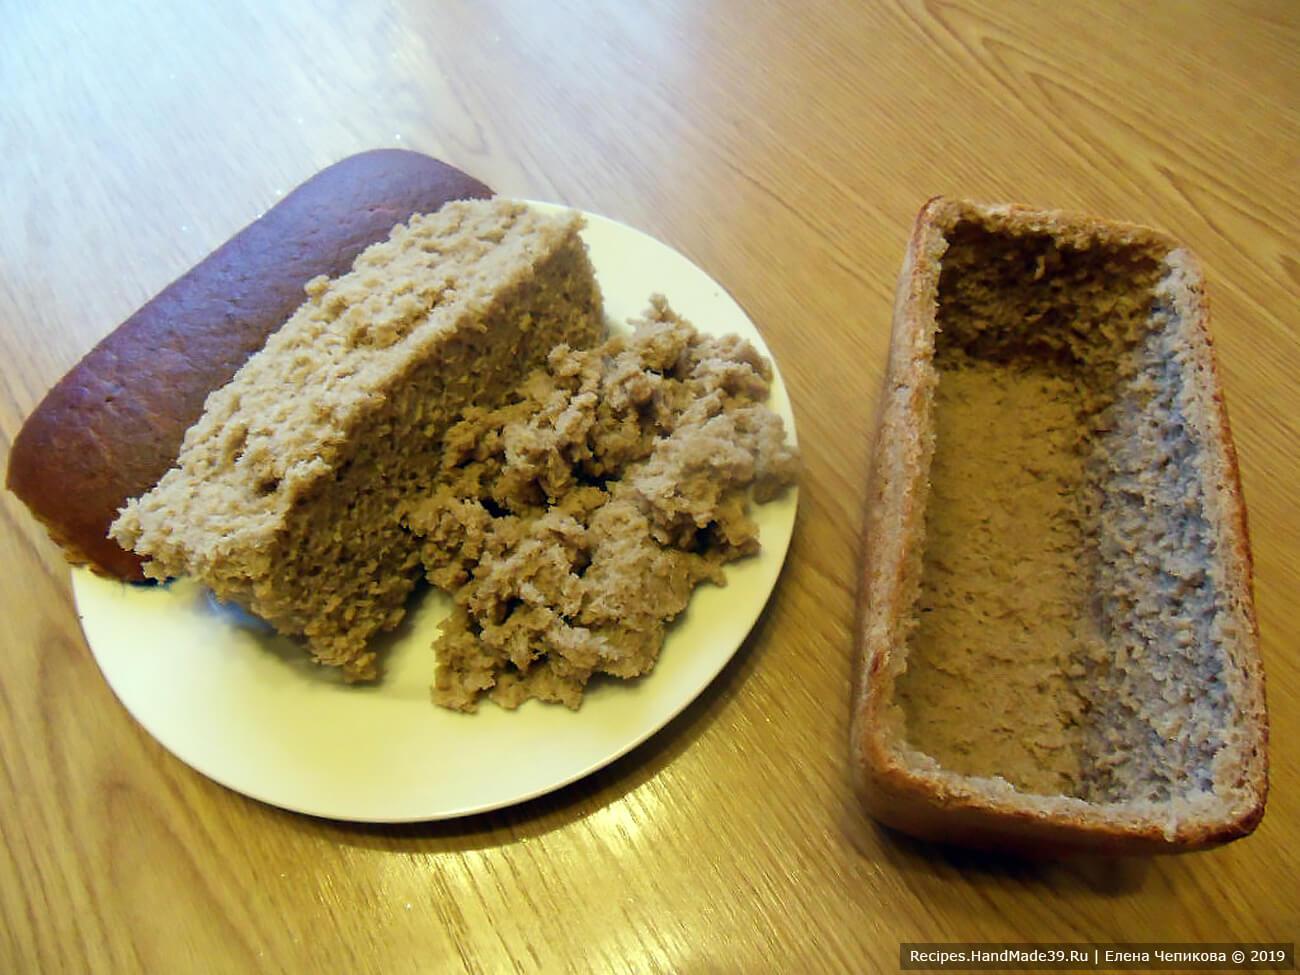 У хлебной буханки срезать верхушку. Осторожно вынуть весь мякиш. Должна получиться форма-корочка